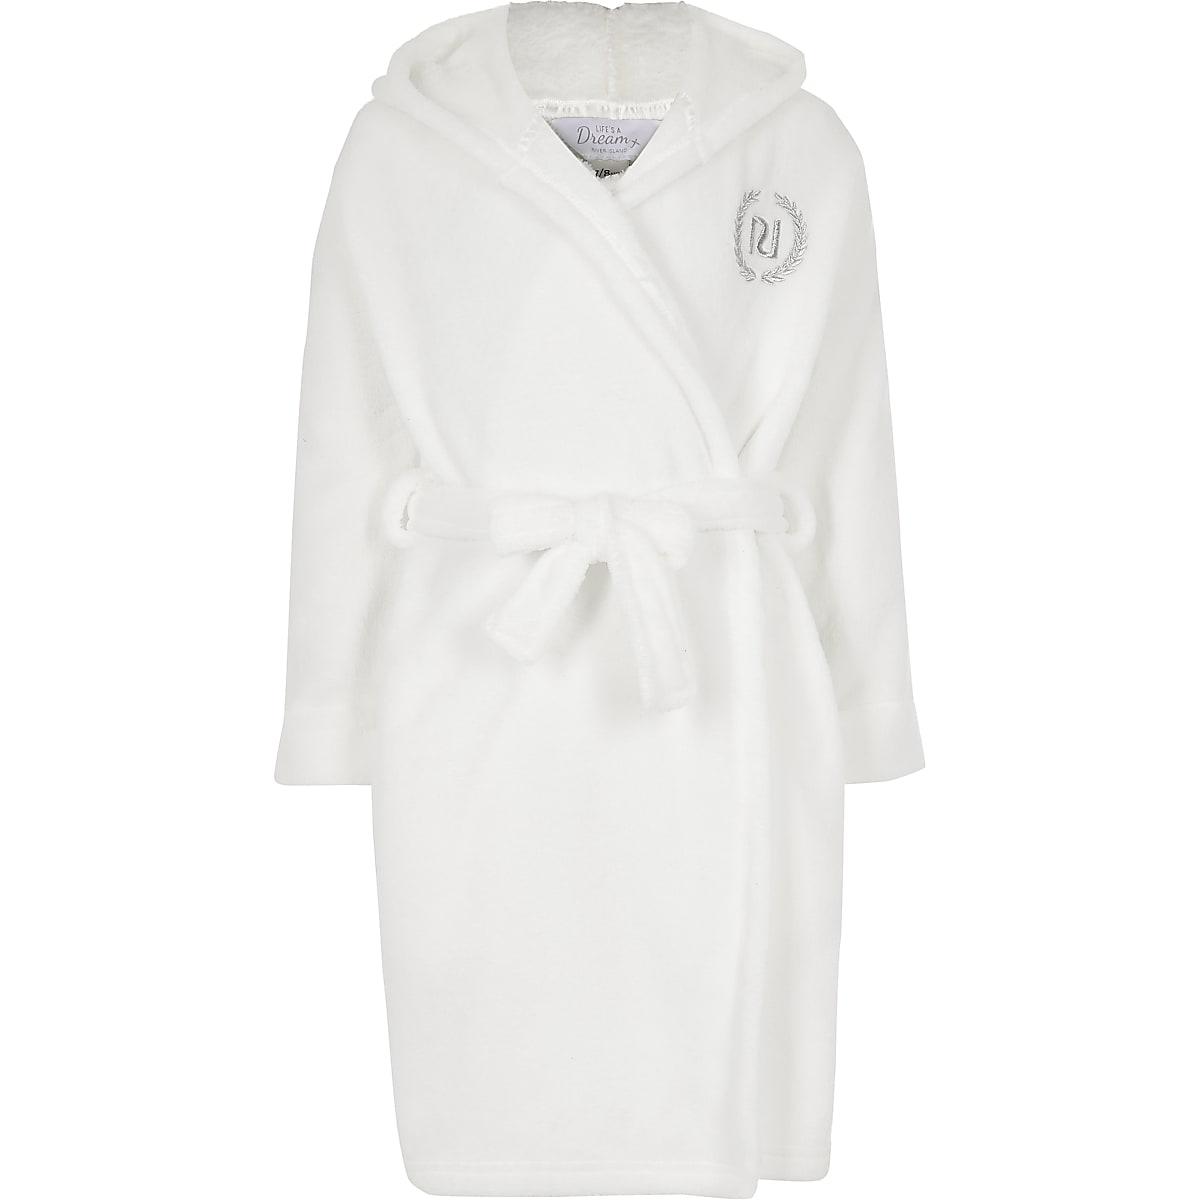 Crèmekleurige zachte badjas met 'Love RI'-tekst voor meisjes